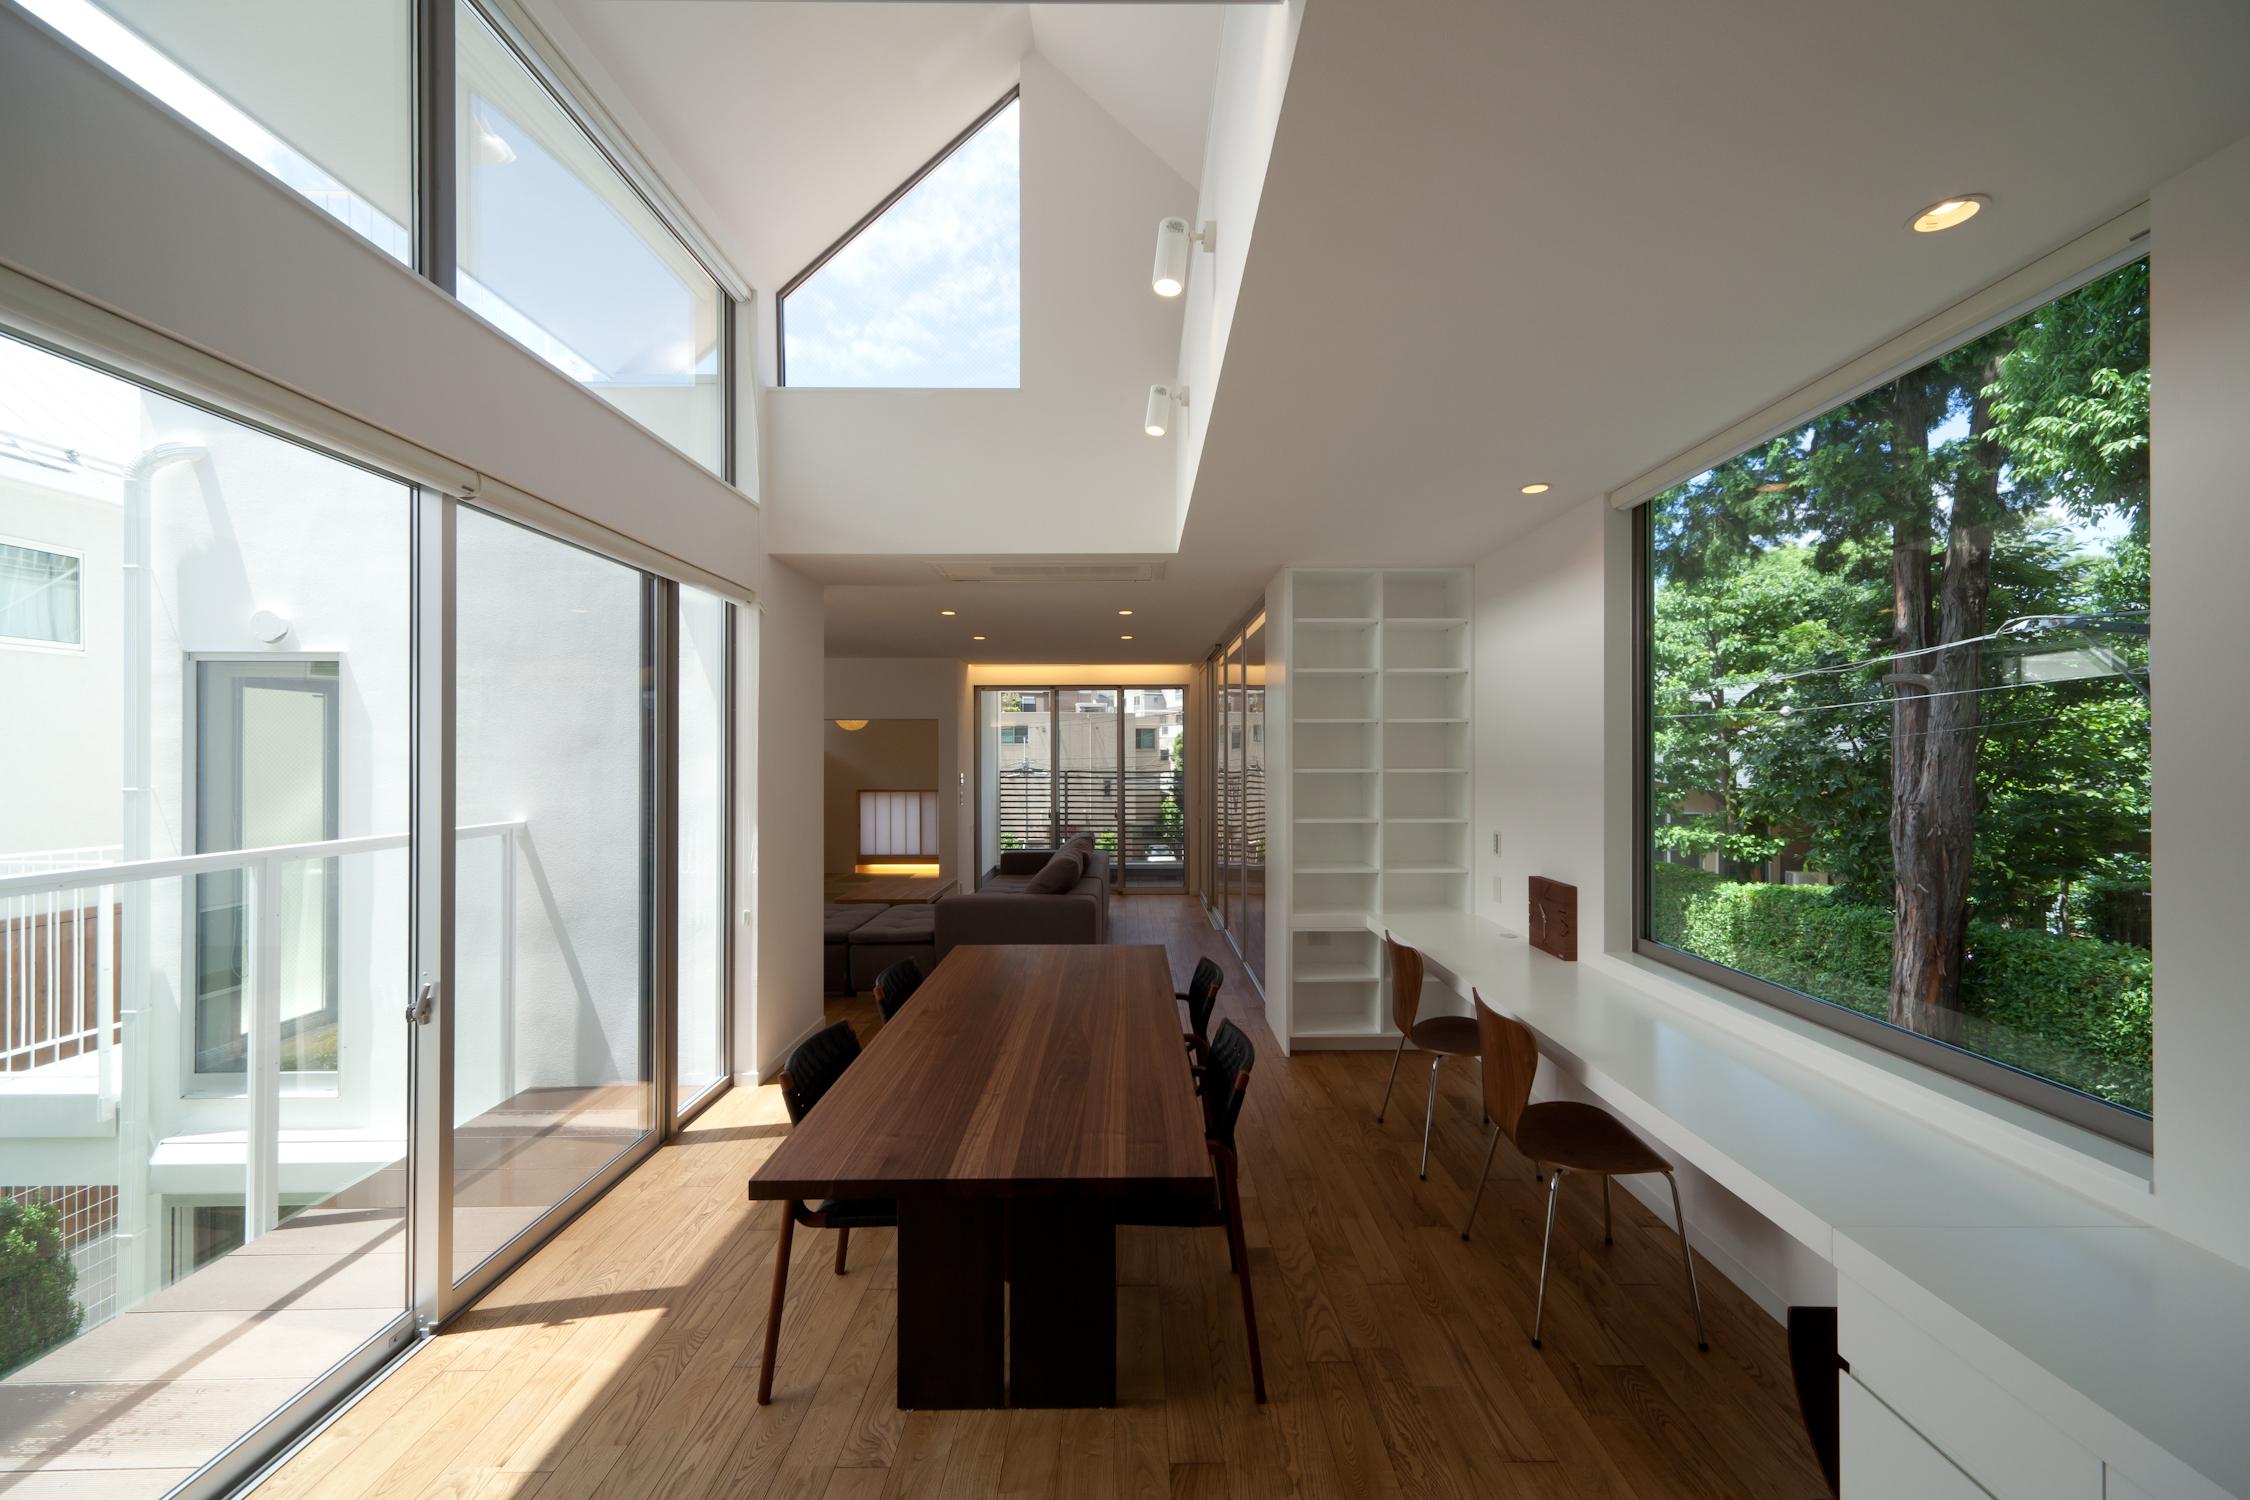 シゲルヒラキアーキテクト一級建築士事務所